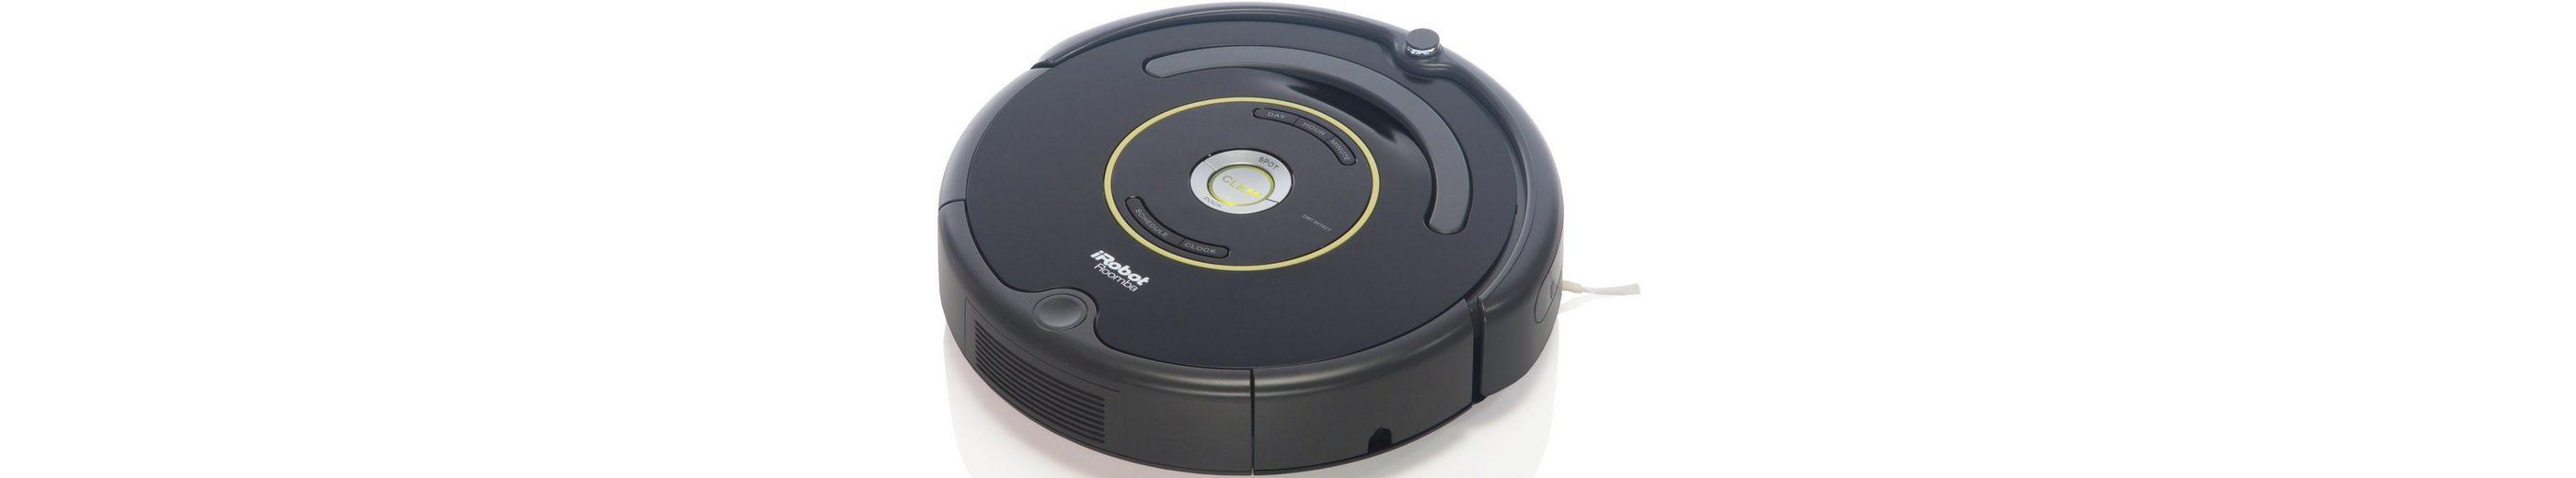 iRobot Staubsaug-Roboter Roomba 650, beutellos